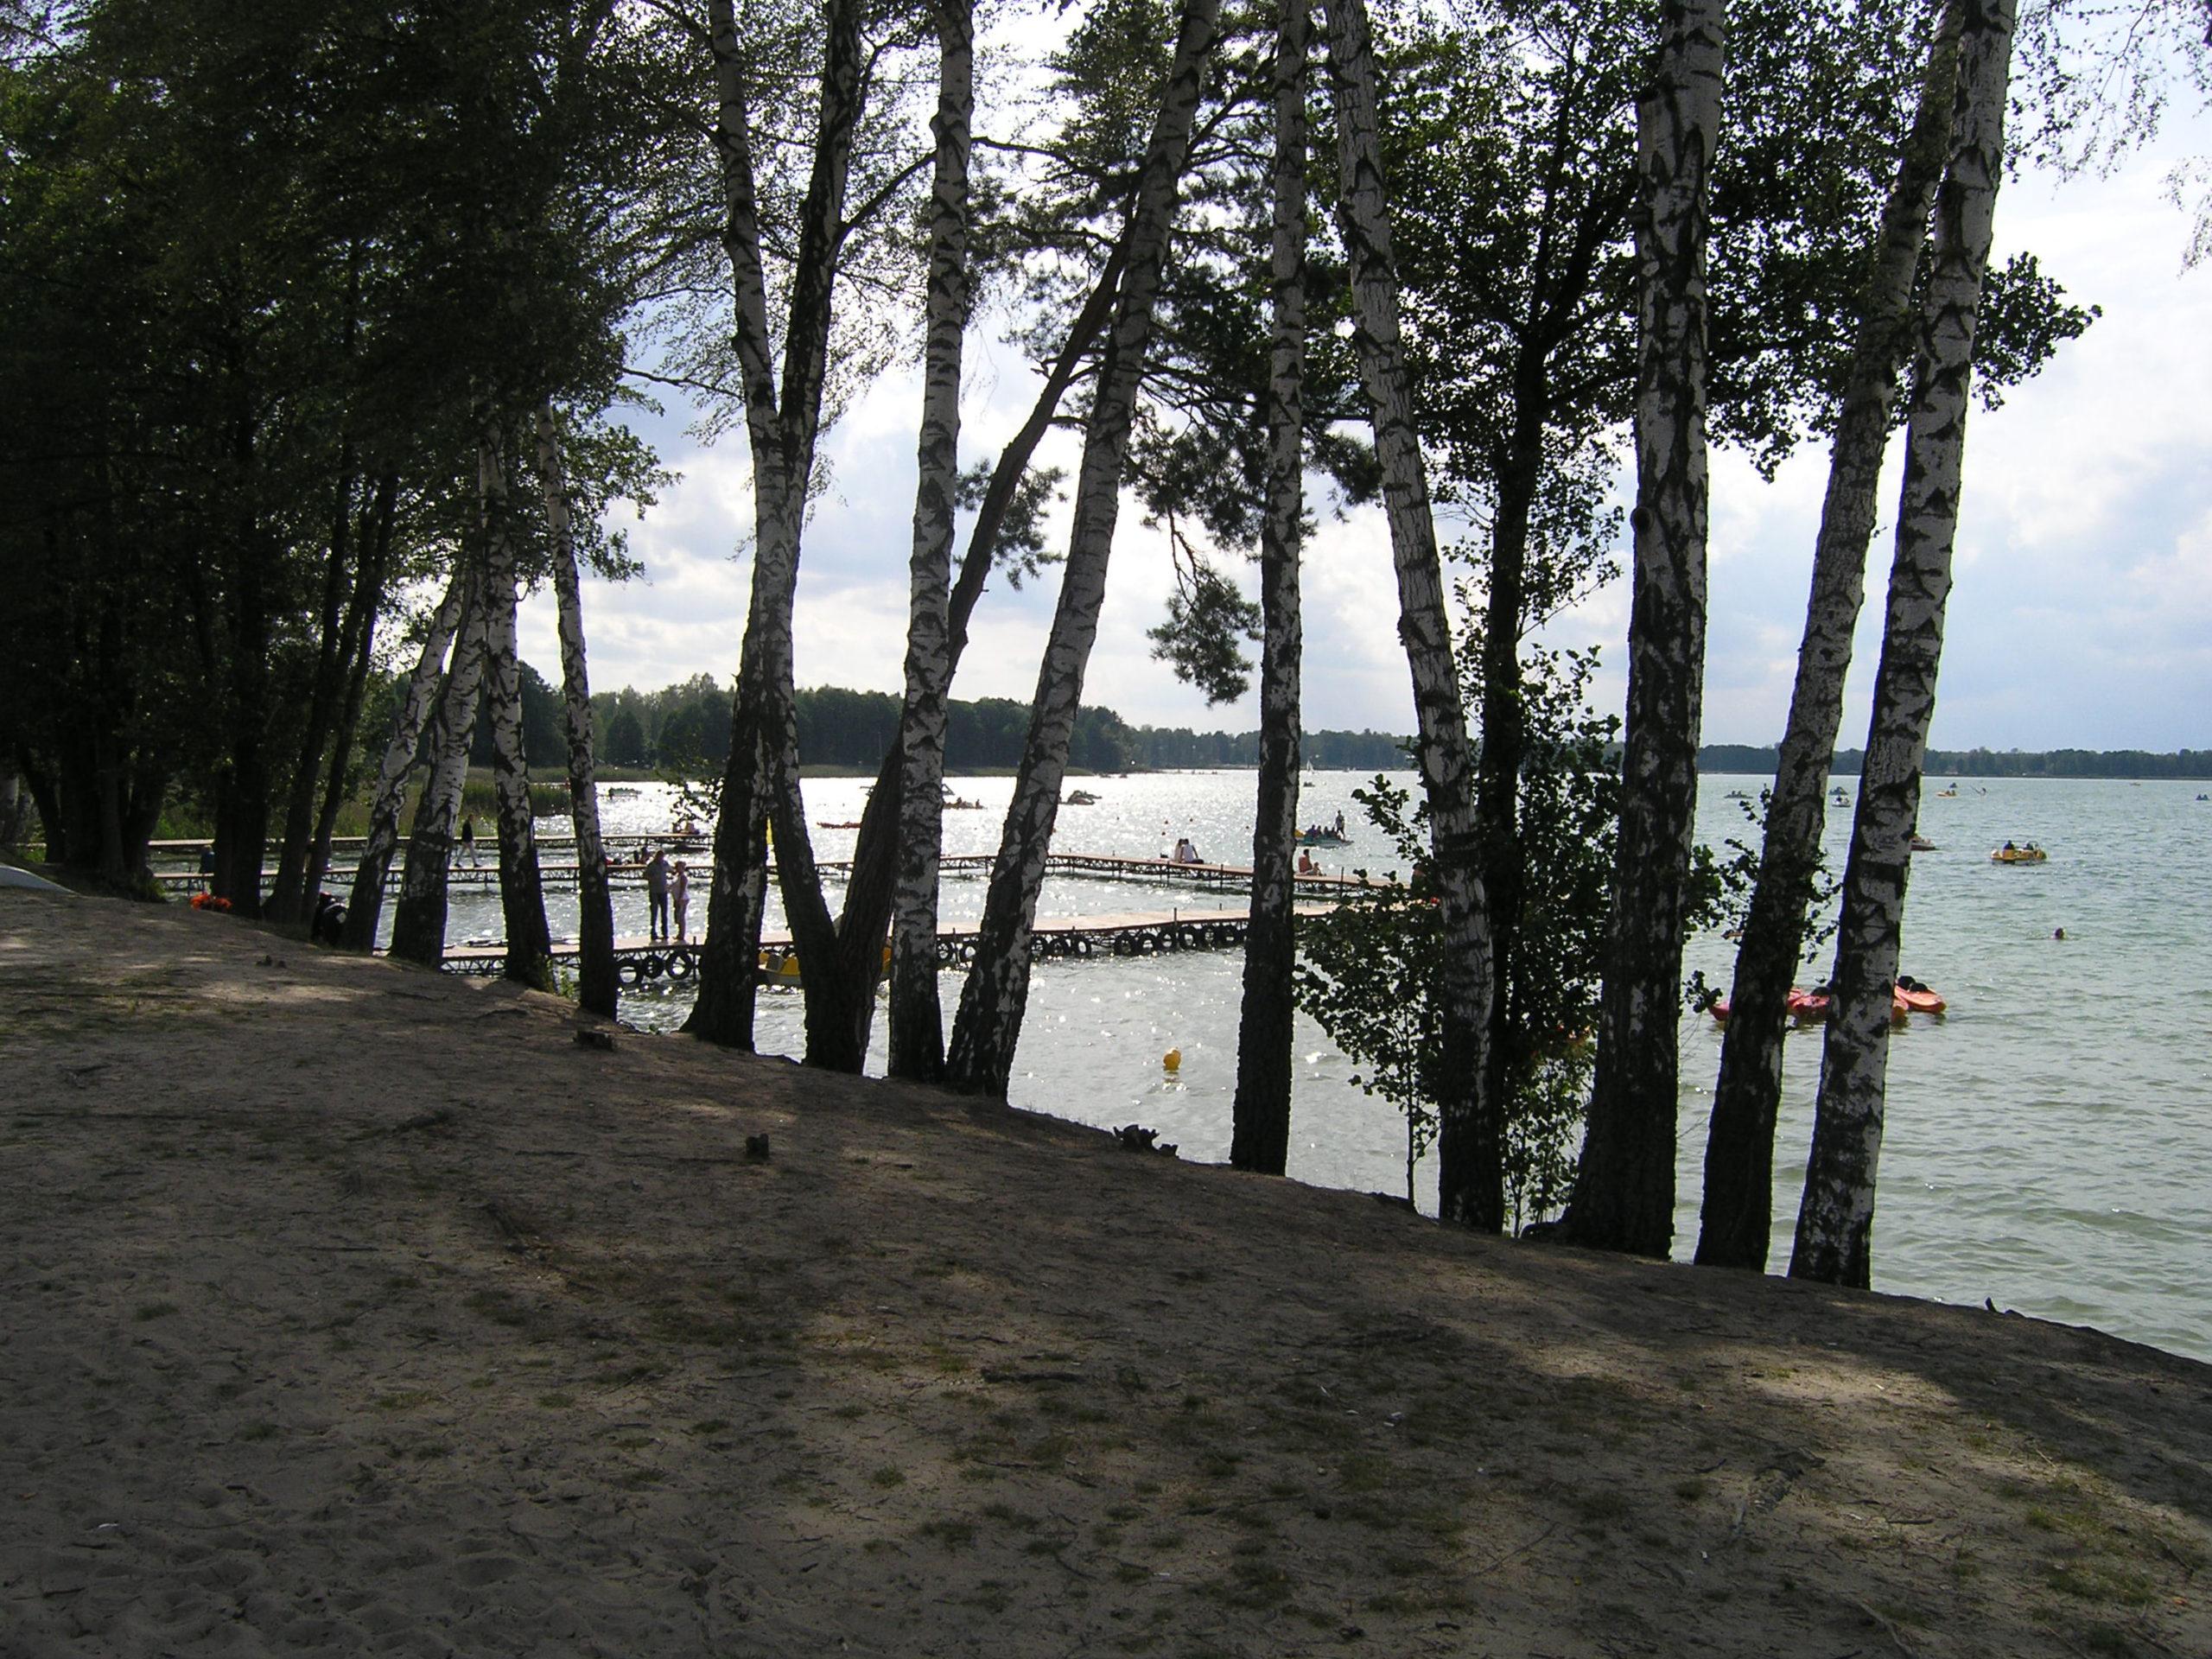 okuninka widok na jezioro i brzozy nad jeziorem